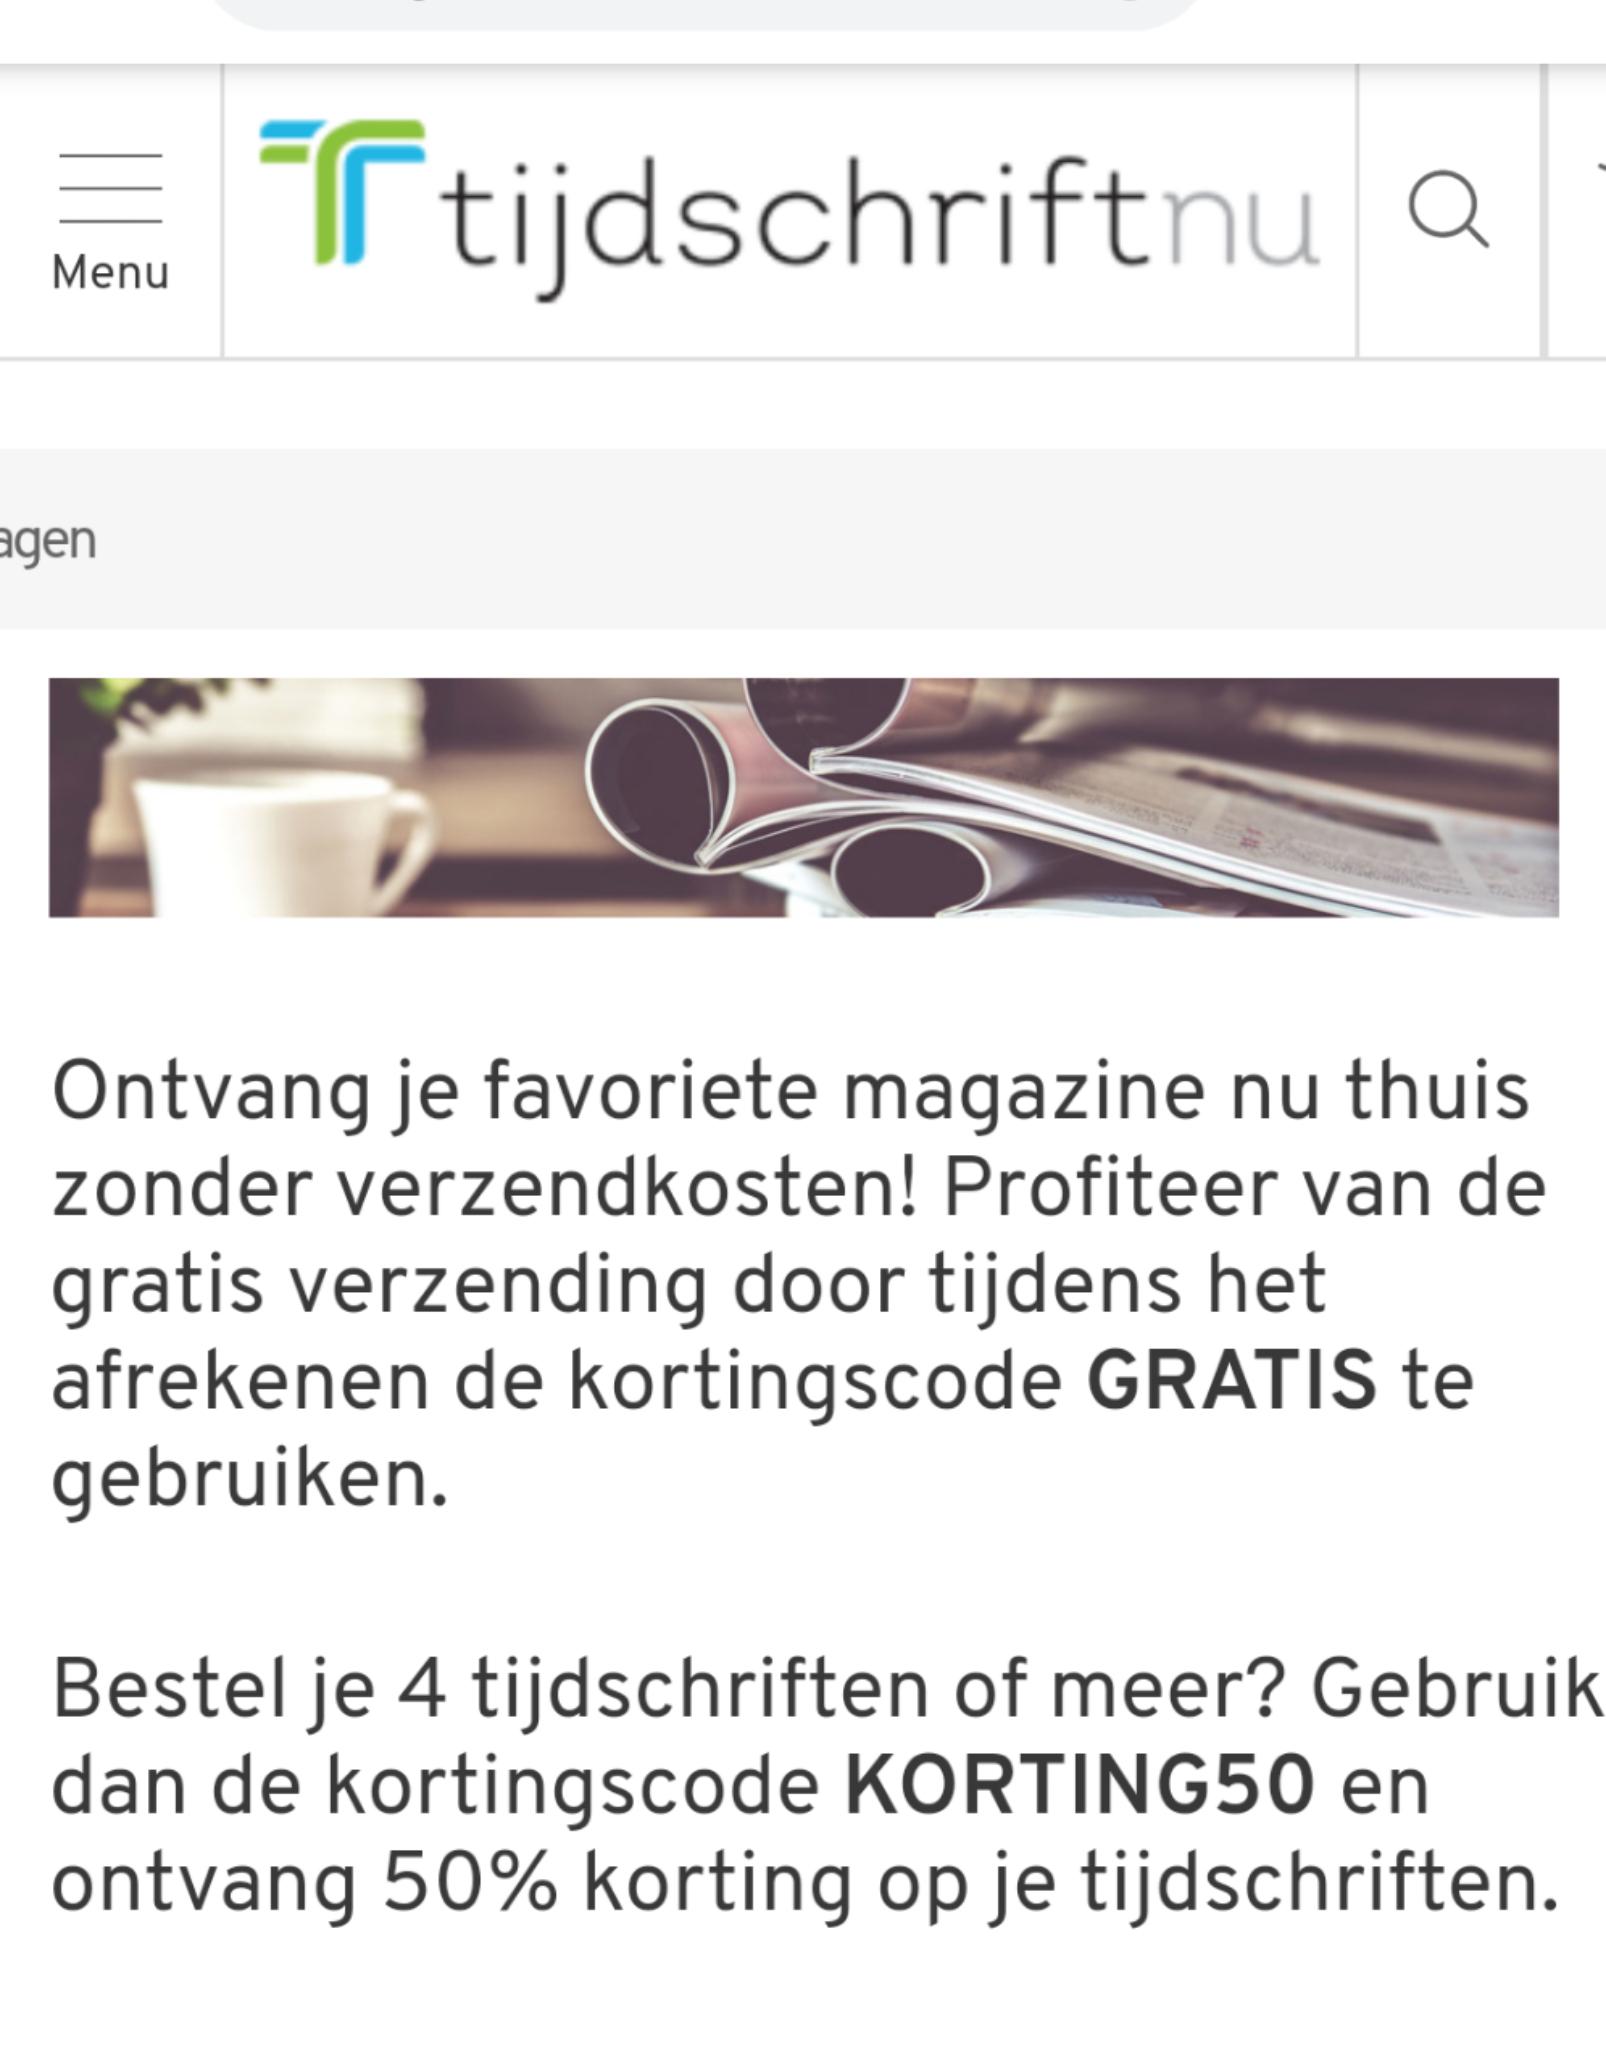 50% korting bij 4 of meer losse tijdschiften op tijdschriftnu.nl ( lees ook verder voor gratis verzending code bij 1 of meer)